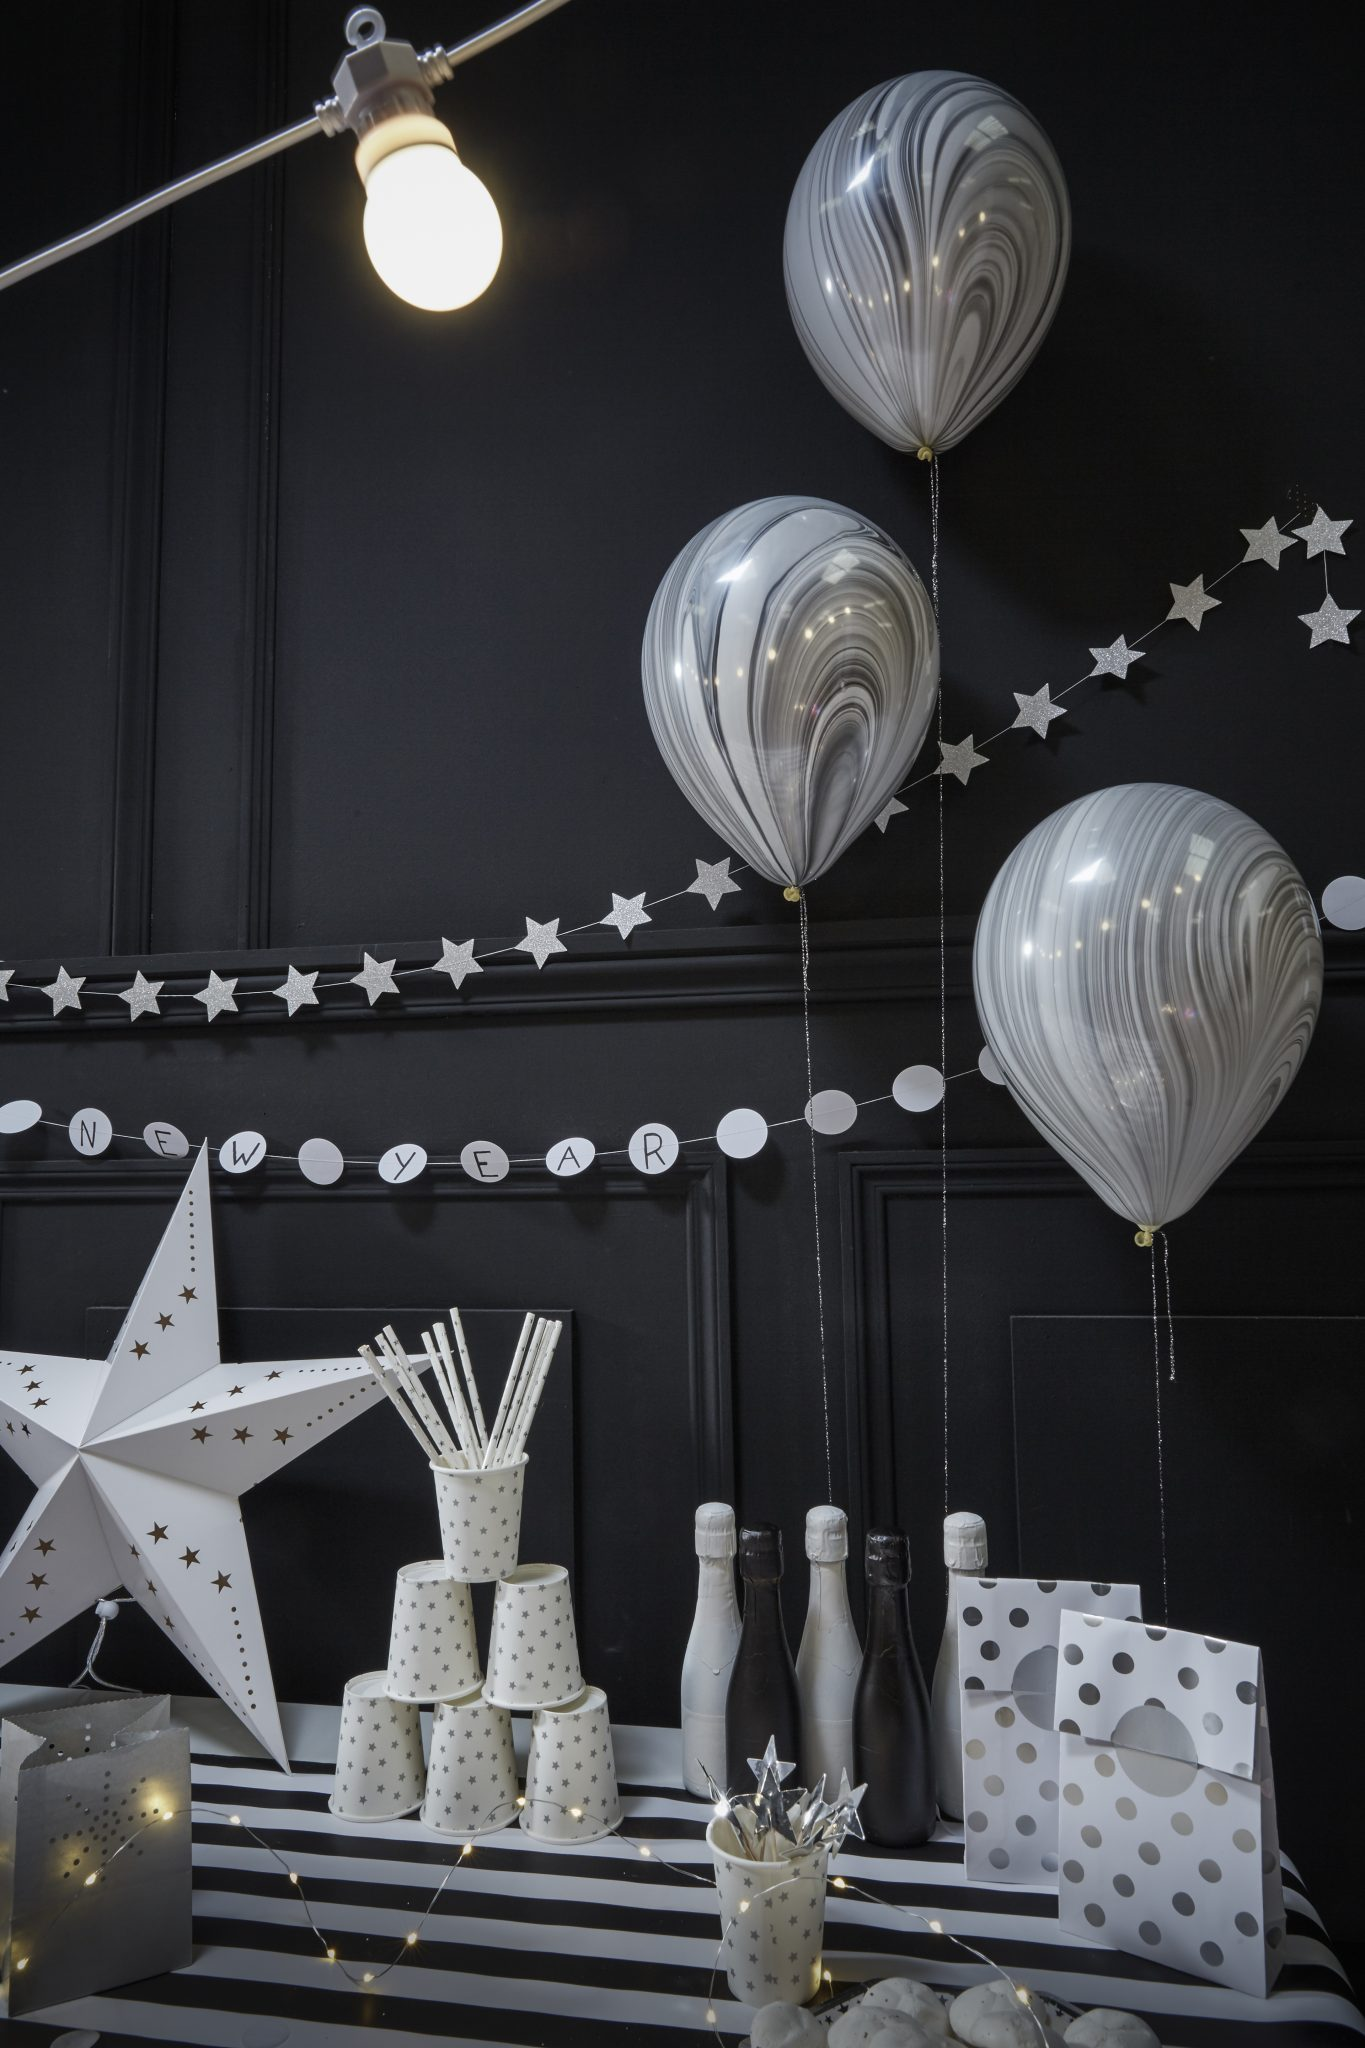 bonne année 2018 tendances décoration fête nouvel an noir et blanc saint sylvestre réveillon 31 décembre